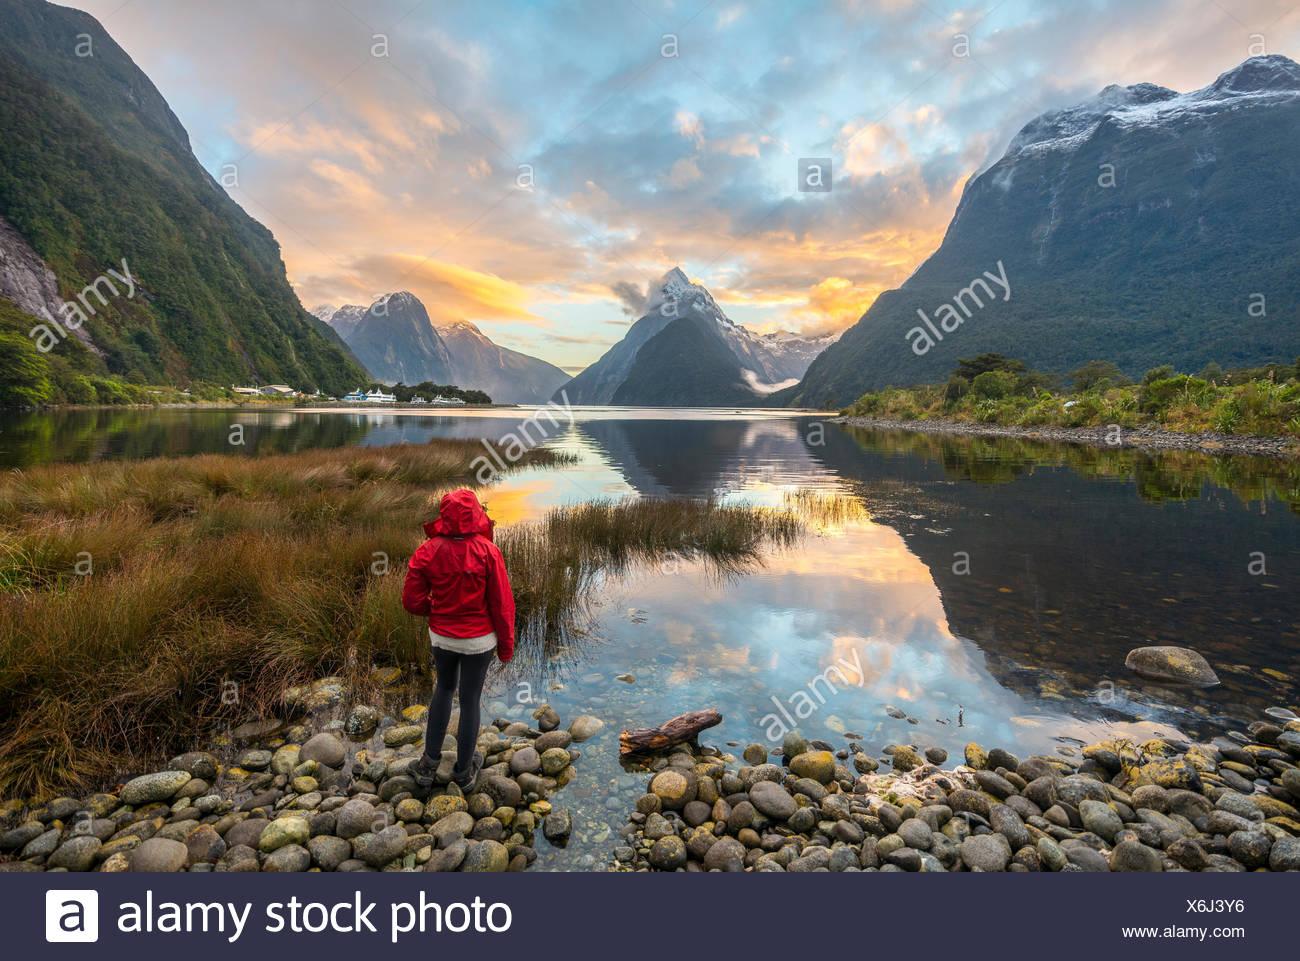 Les touristes à la recherche sur le paysage, la Mitre Peak reflète dans l'eau, coucher de soleil, Milford Sound, Fiordland National Park, Te Anau Photo Stock